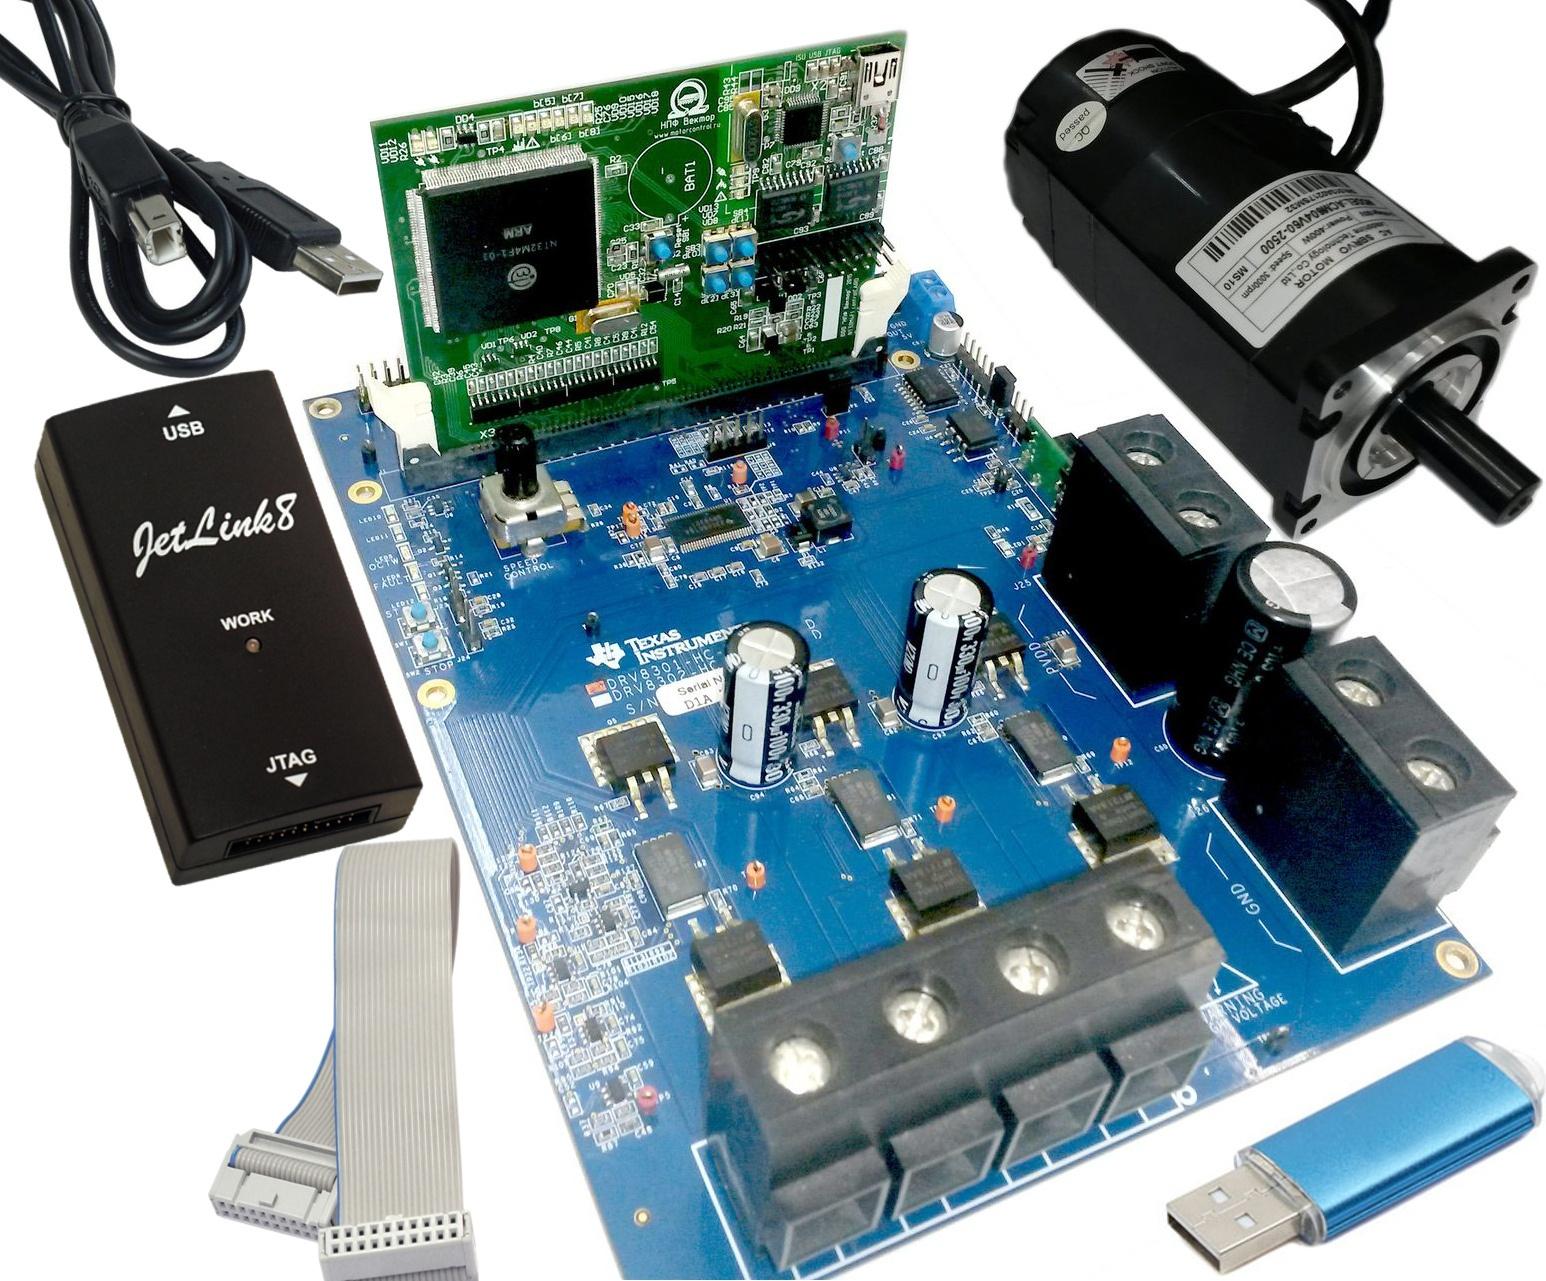 Новый отечественный motor-control микроконтроллер К1921ВК01Т ОАО «НИИЭТ» - 3